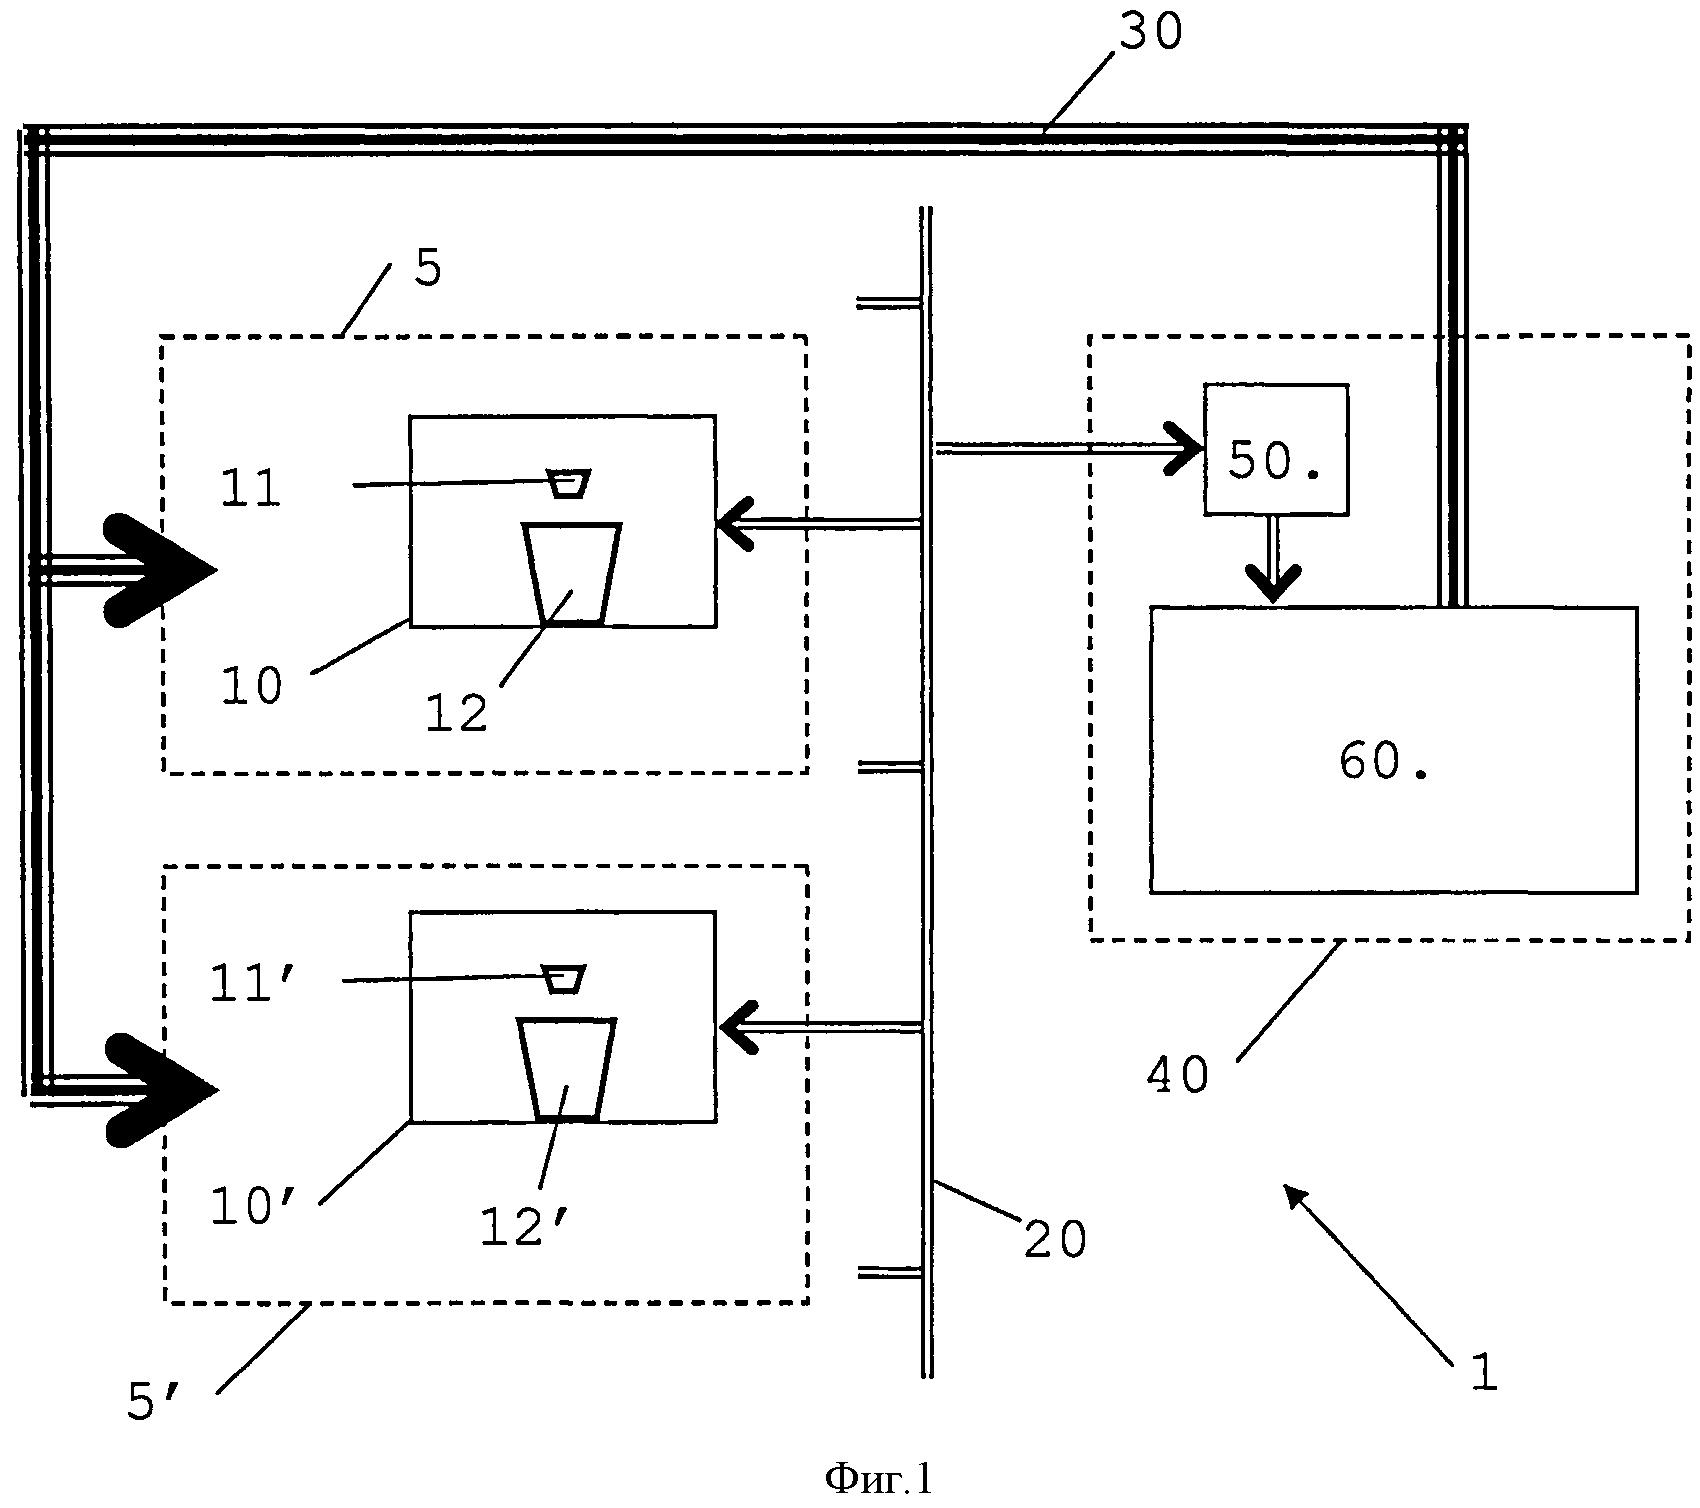 Машина для приготовления напитков, соединенная с сетью